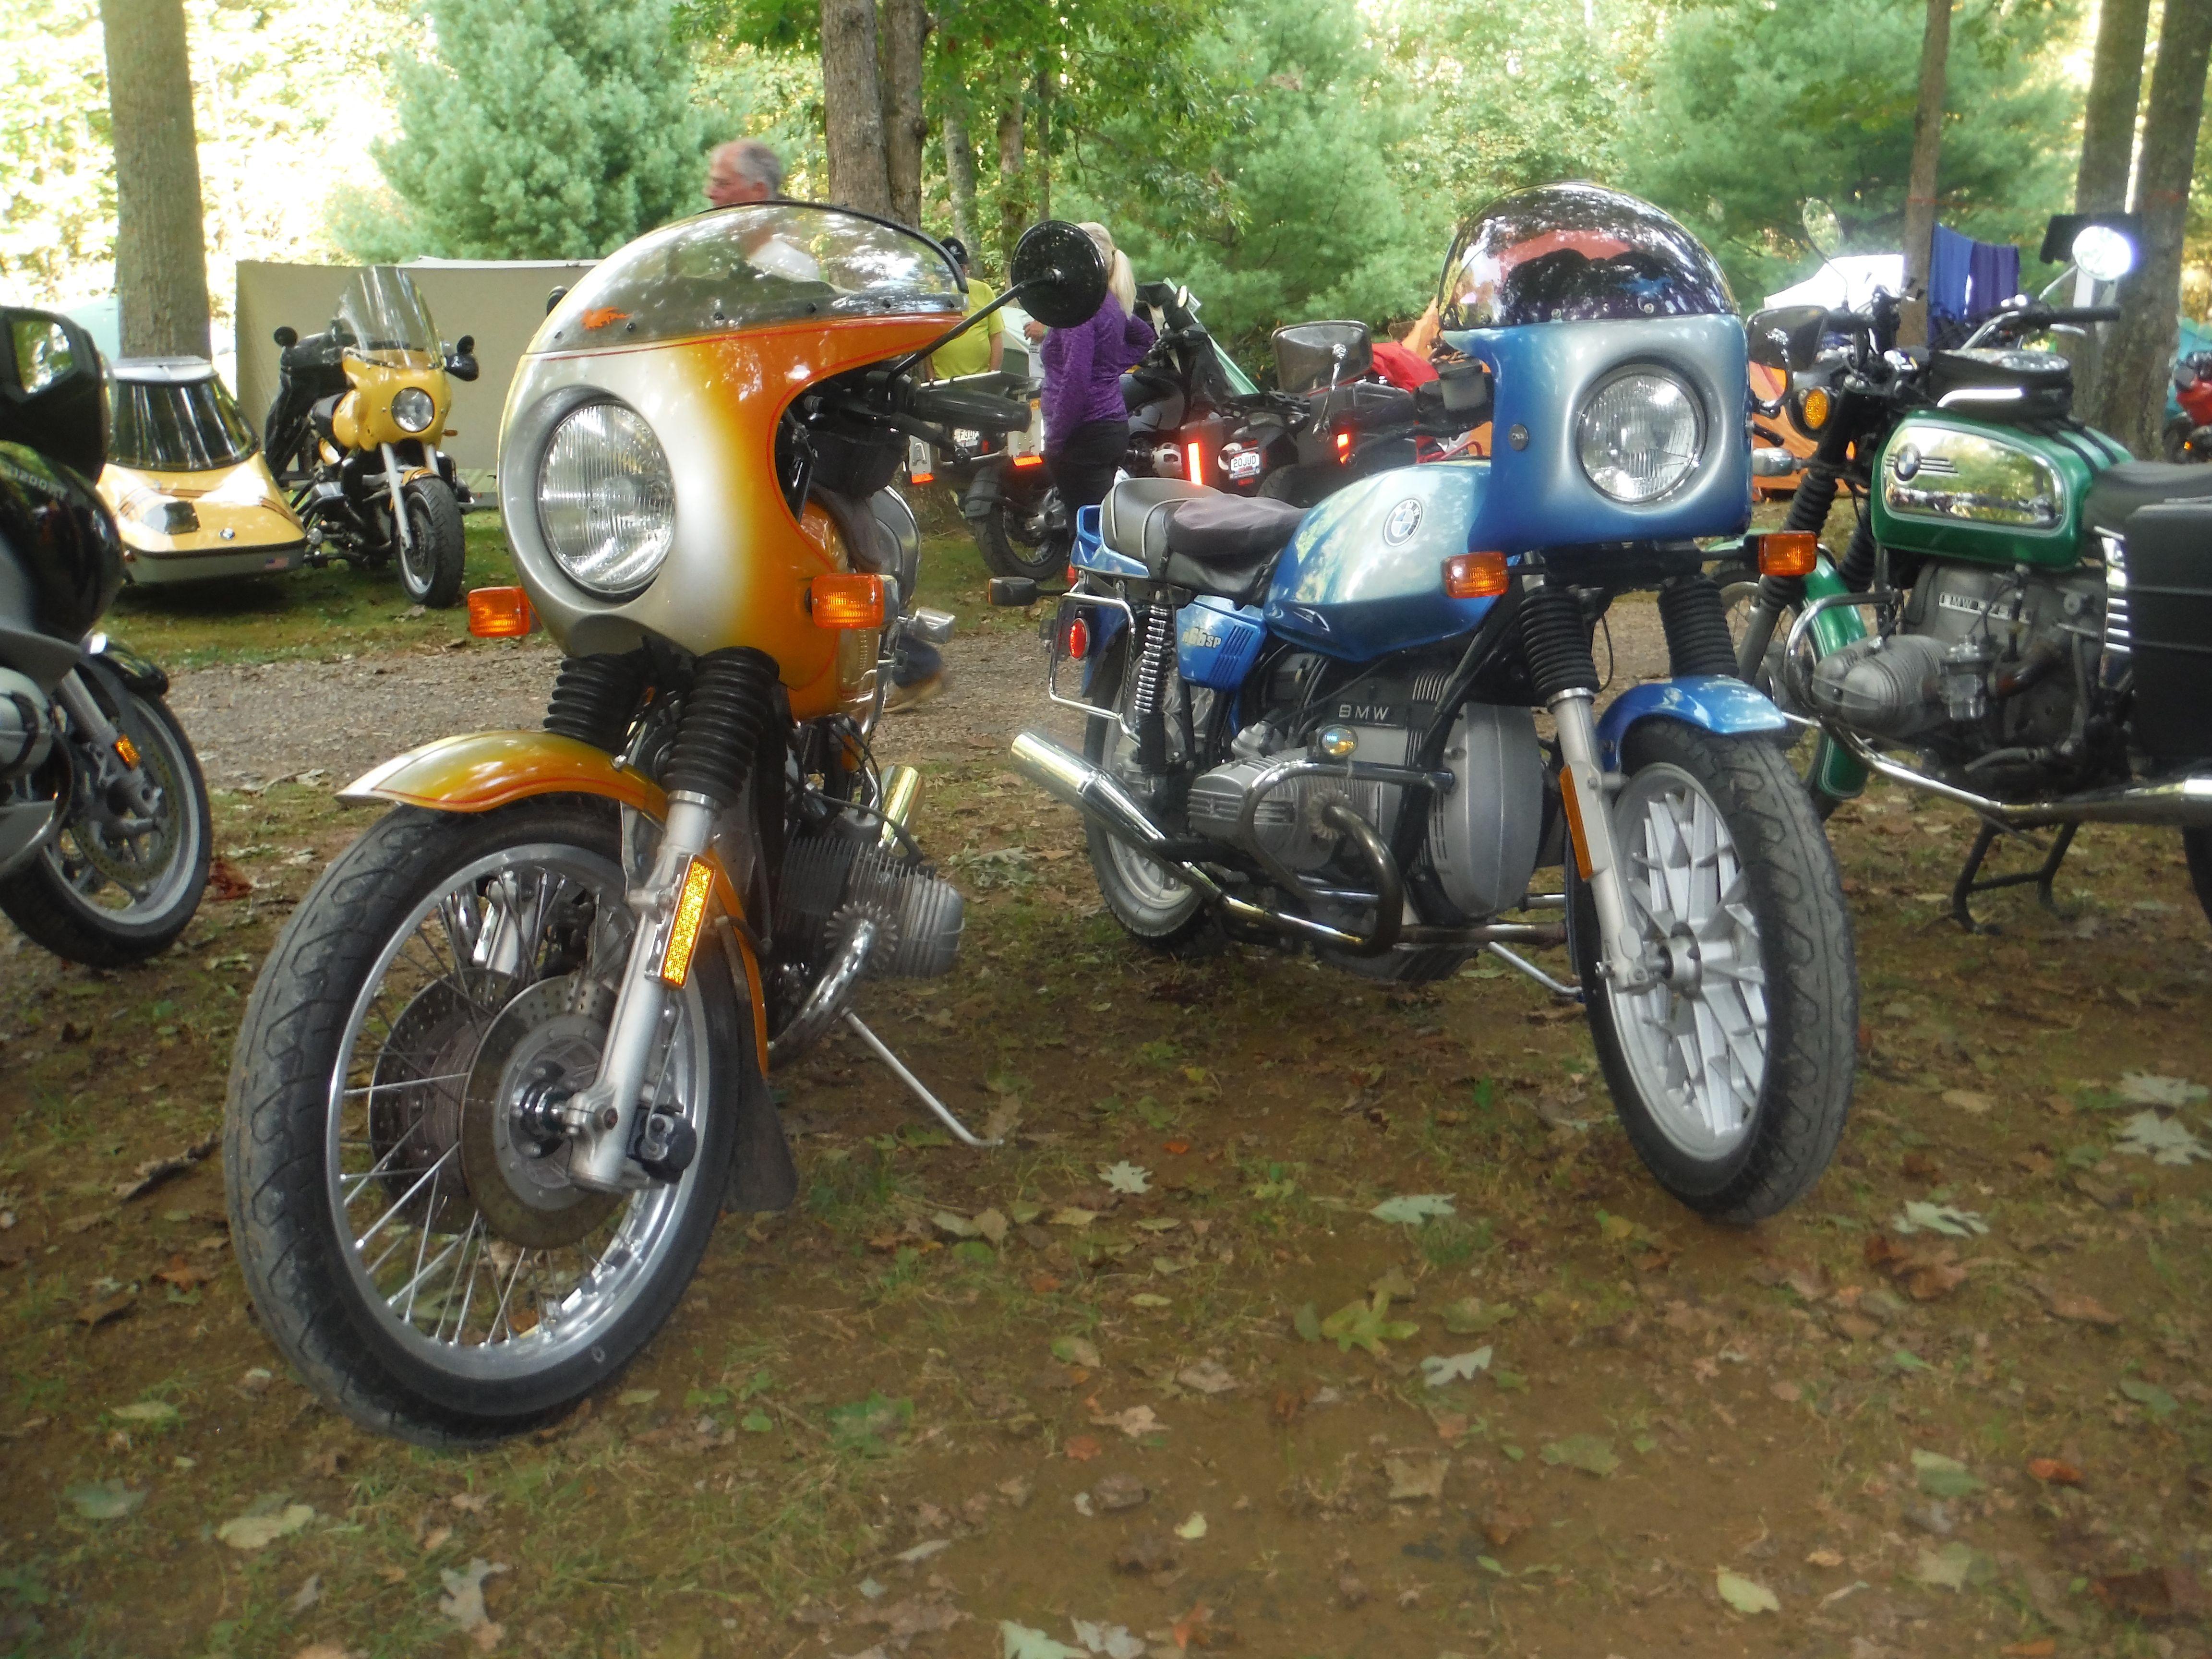 BMWBMW - BMW Bikers of Metropolitan Washington